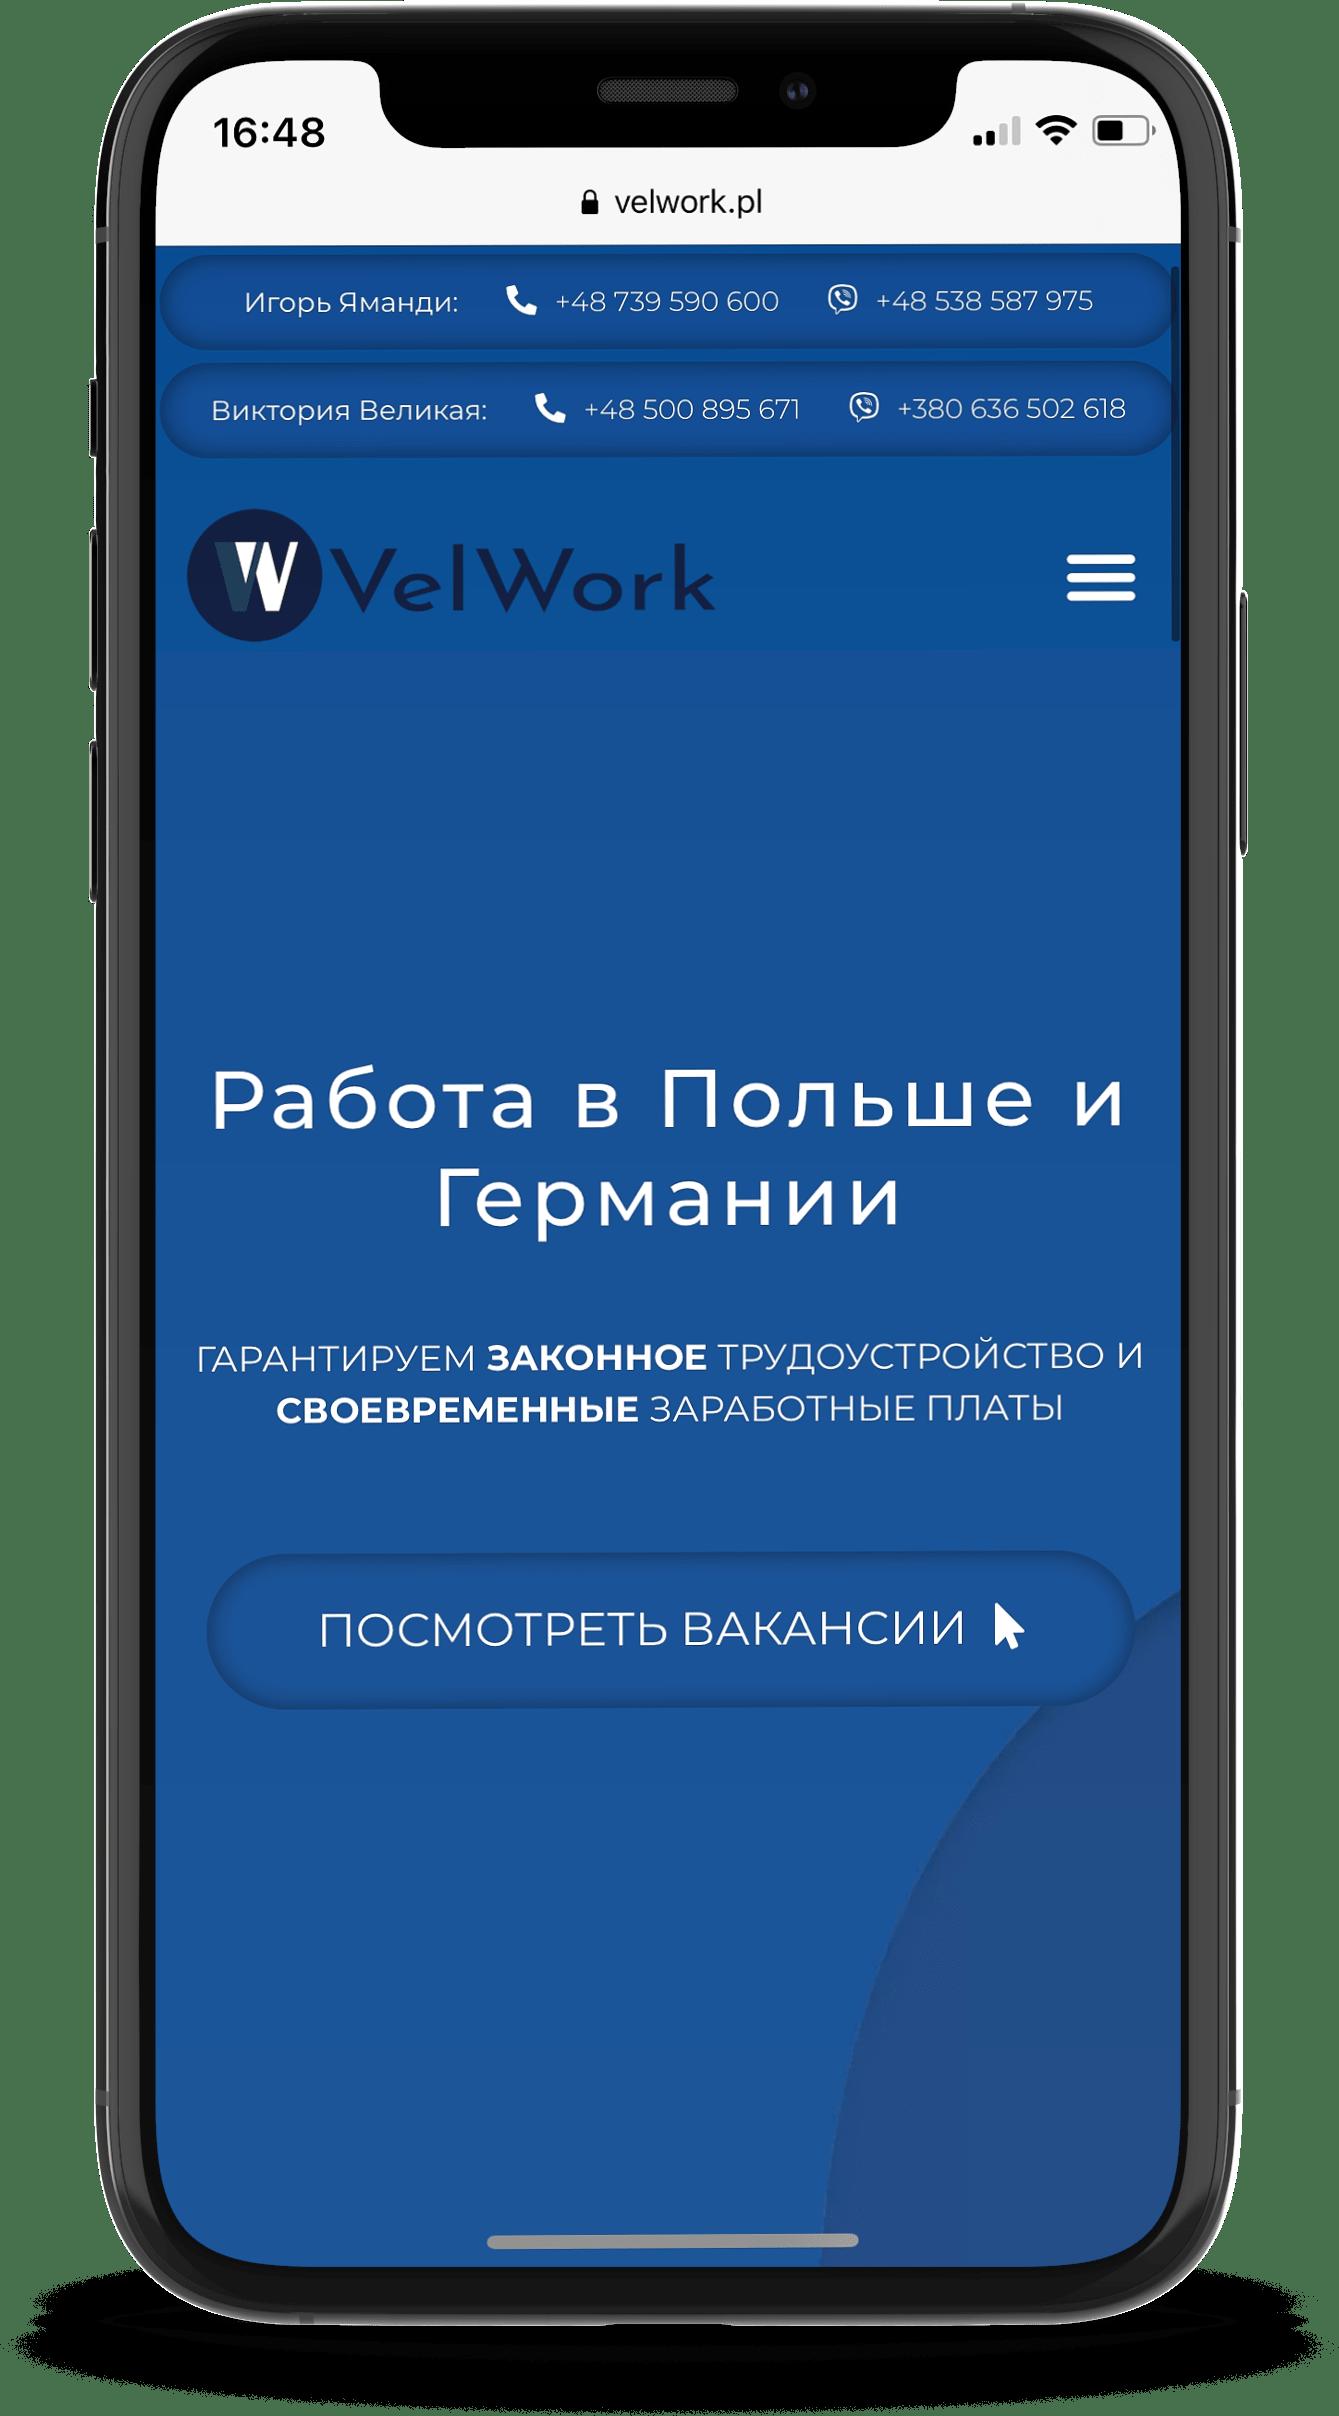 smartmockups_kp2qszvu-min